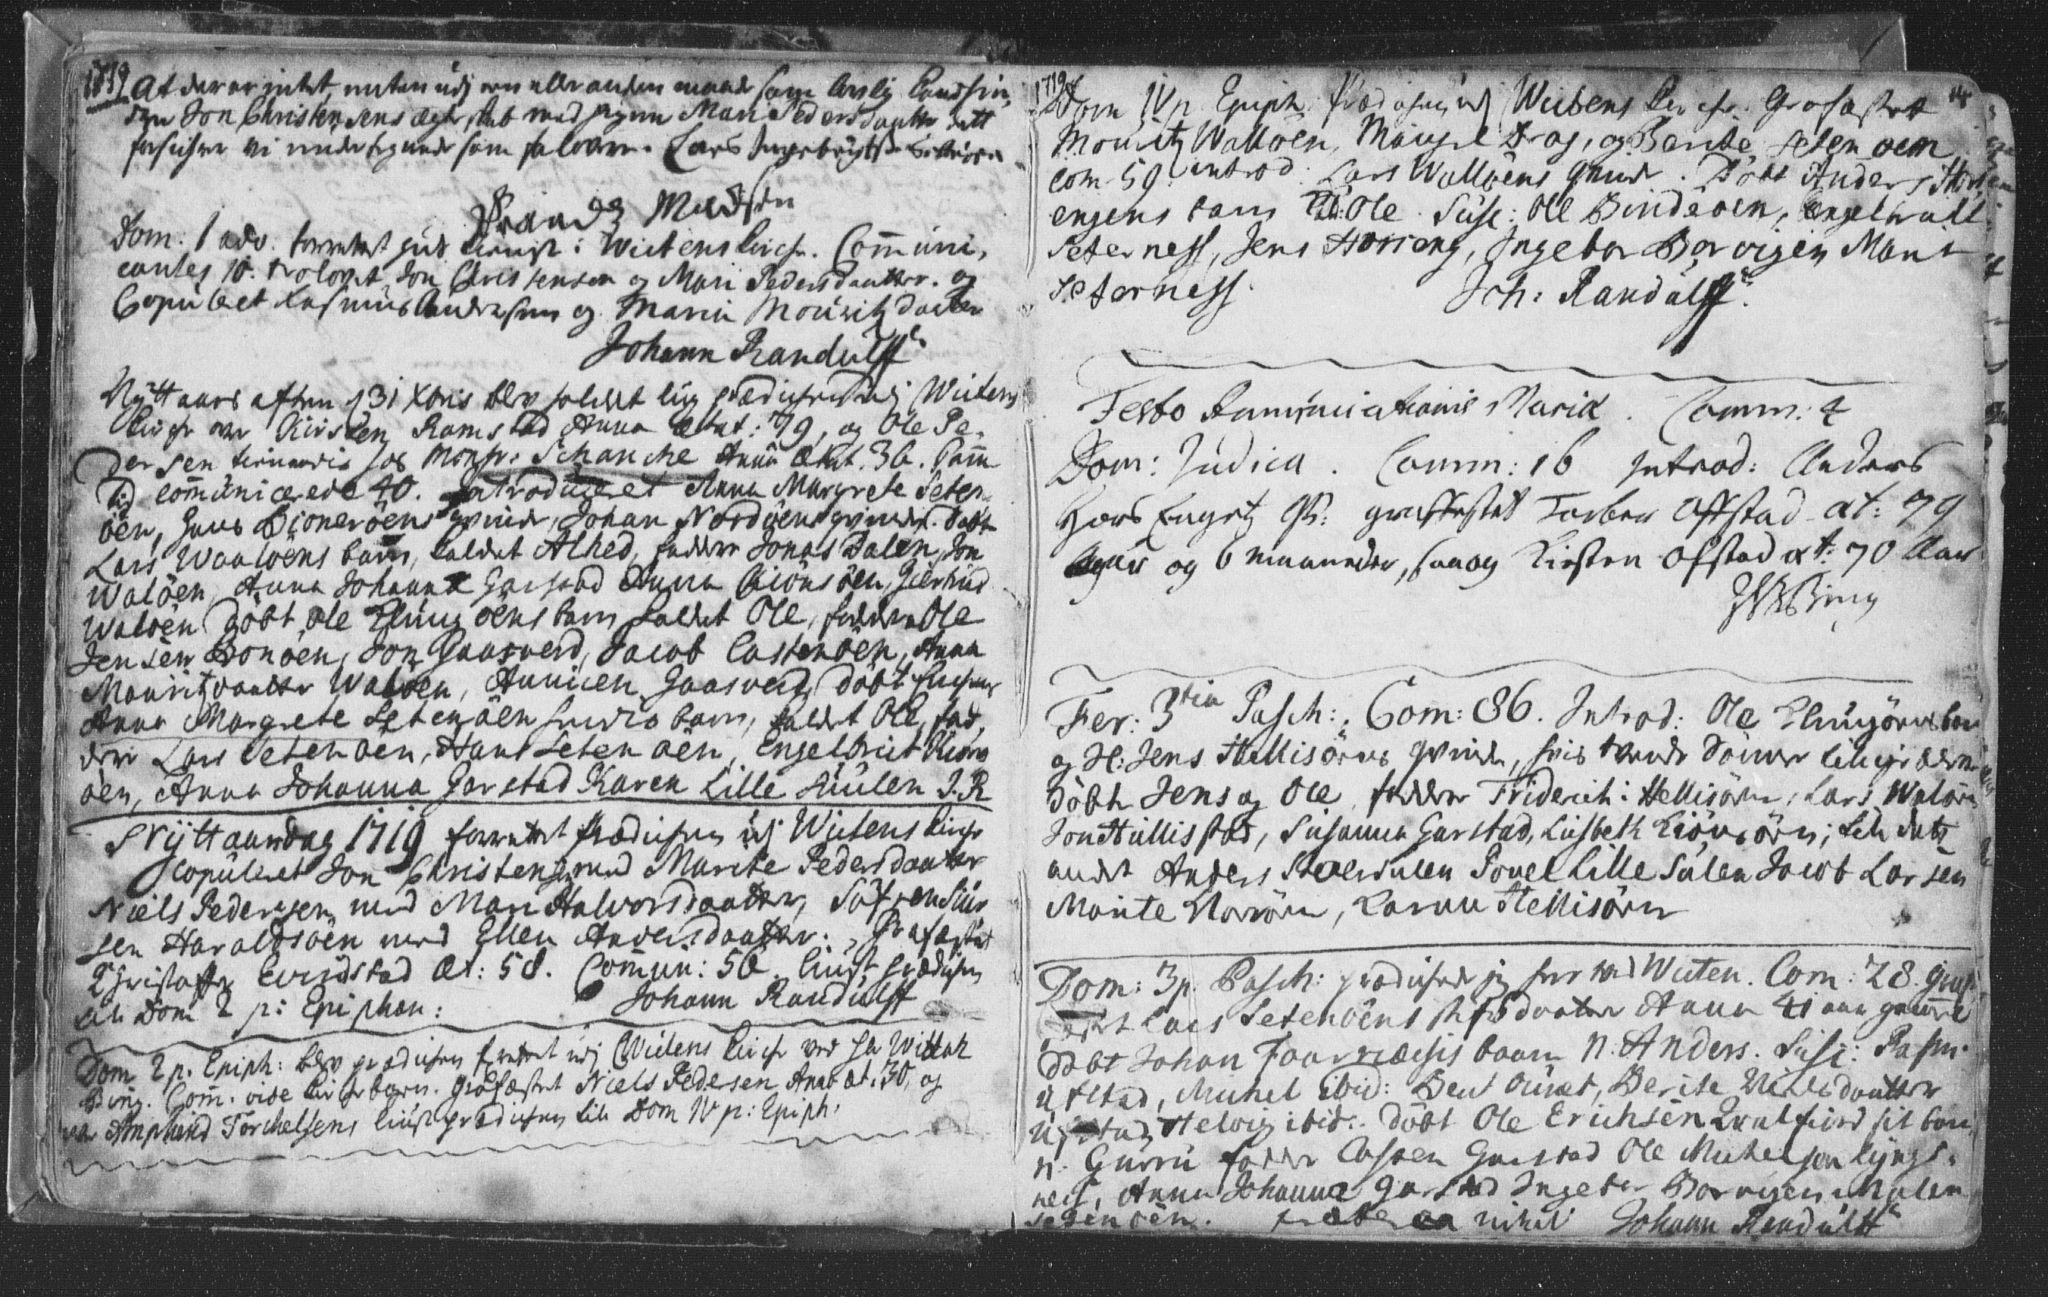 SAT, Ministerialprotokoller, klokkerbøker og fødselsregistre - Nord-Trøndelag, 786/L0685: Ministerialbok nr. 786A01, 1710-1798, s. 14